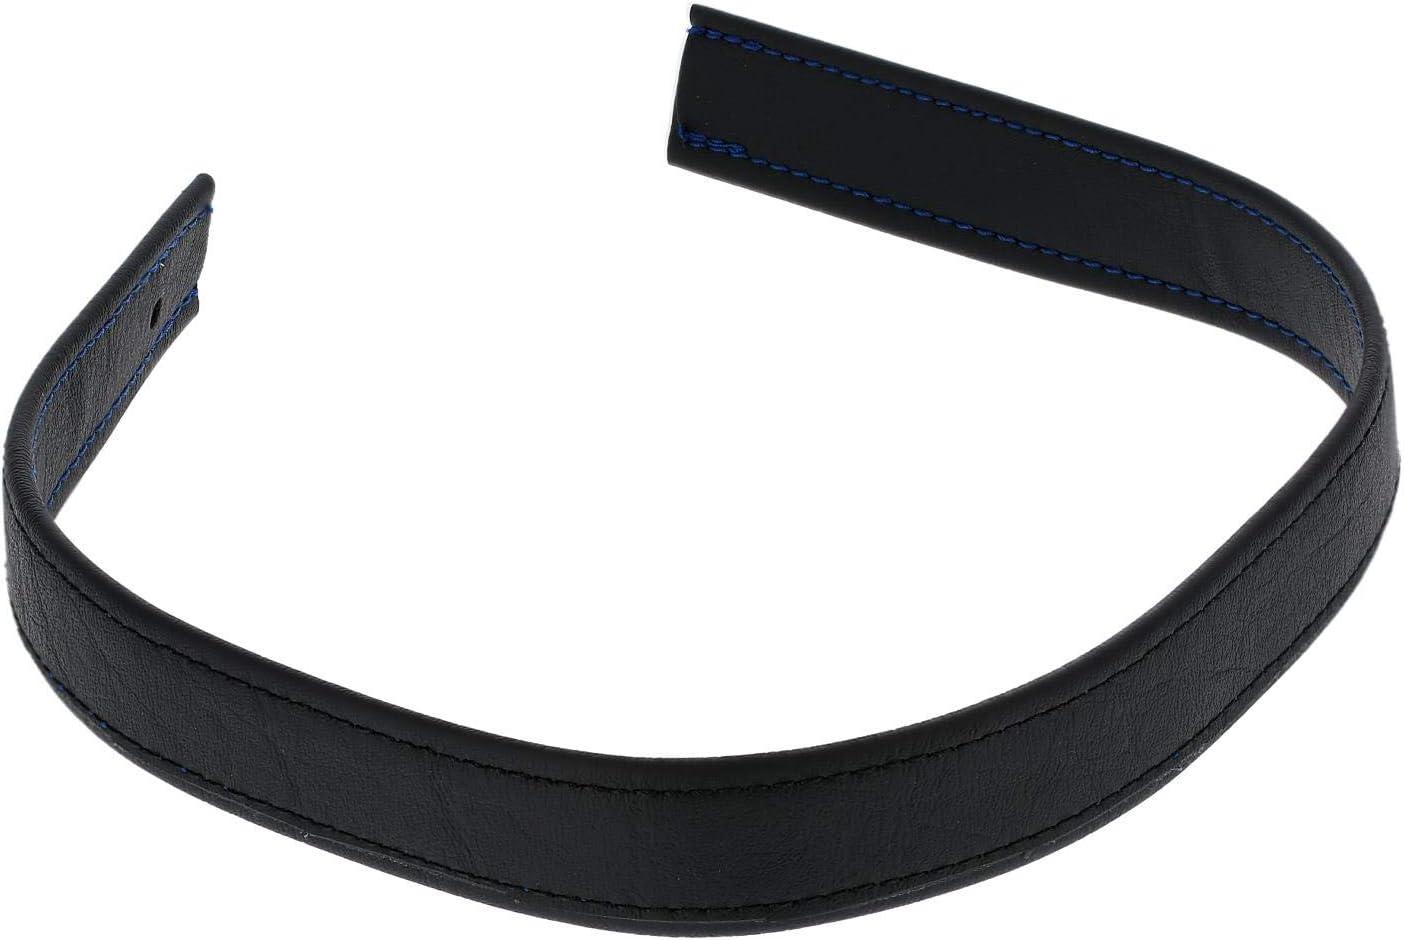 Handarbeit AKF Halteriemen f/ür Sitzbank schwarz mit Ziernaht in Blau